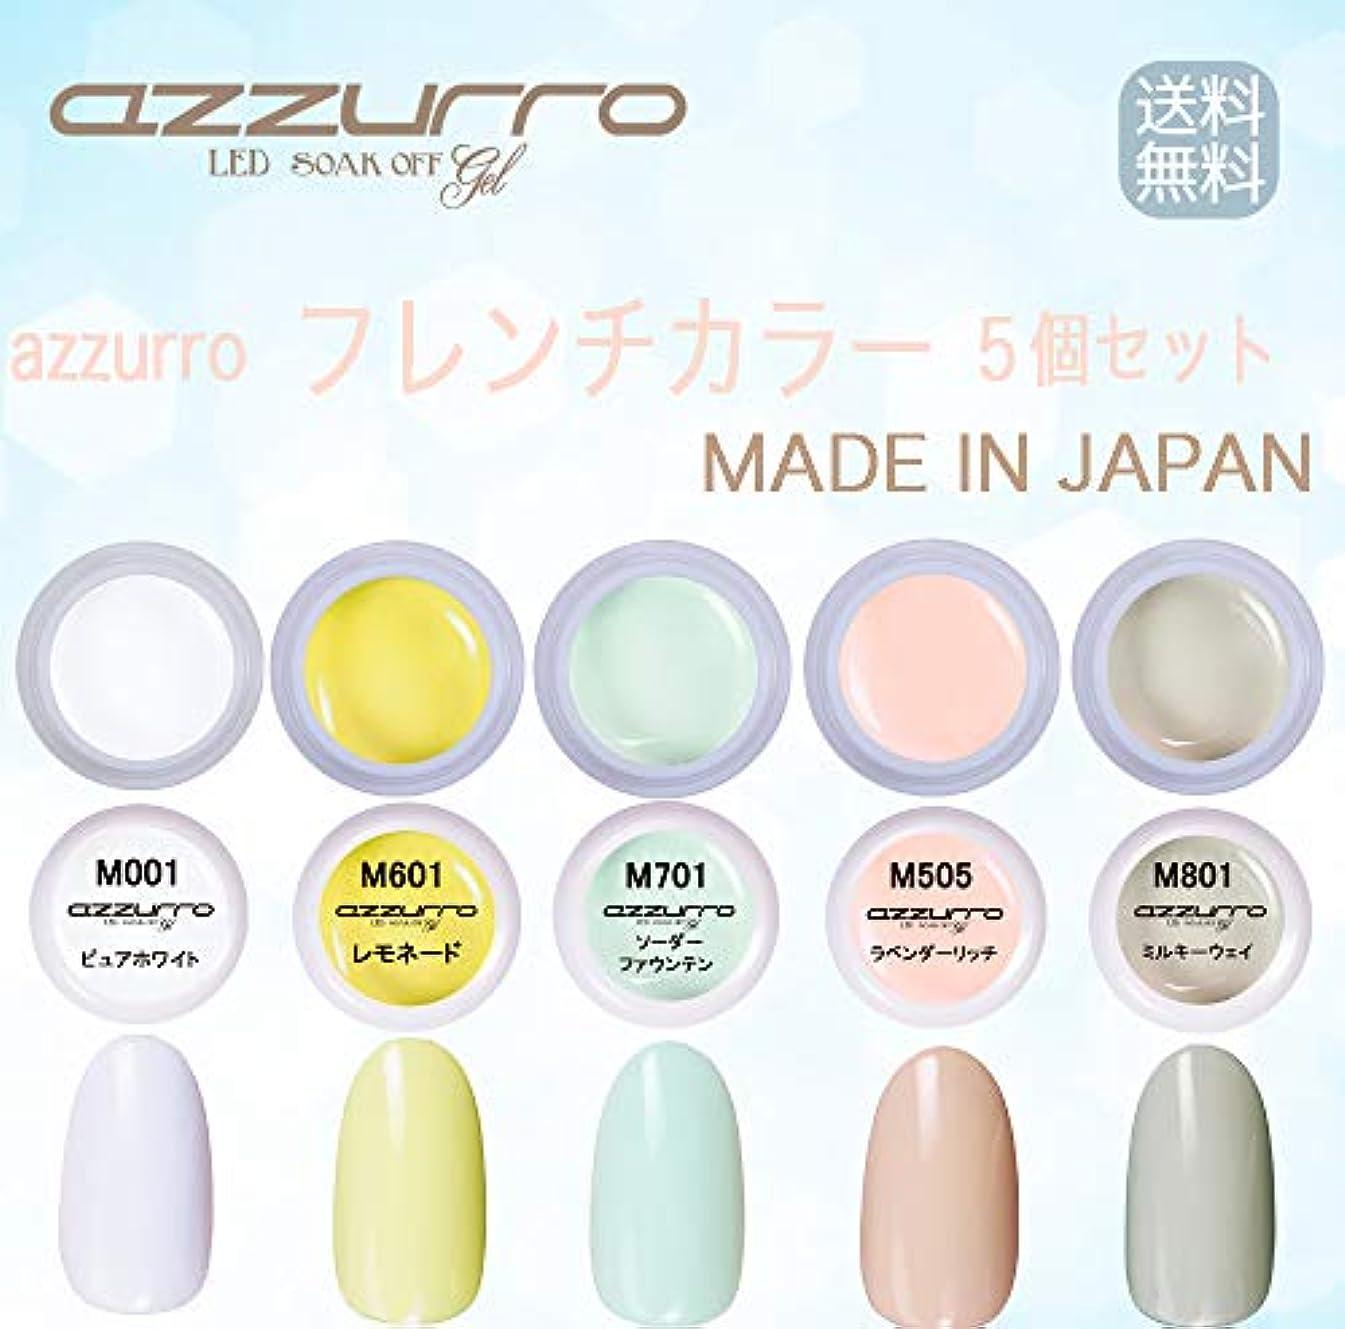 脊椎司書にぎやか【送料無料】日本製 azzurro gel フレンチカラージェル5個セット 春にピッタリでかわいいフレンチネイルにピッタリなカラー